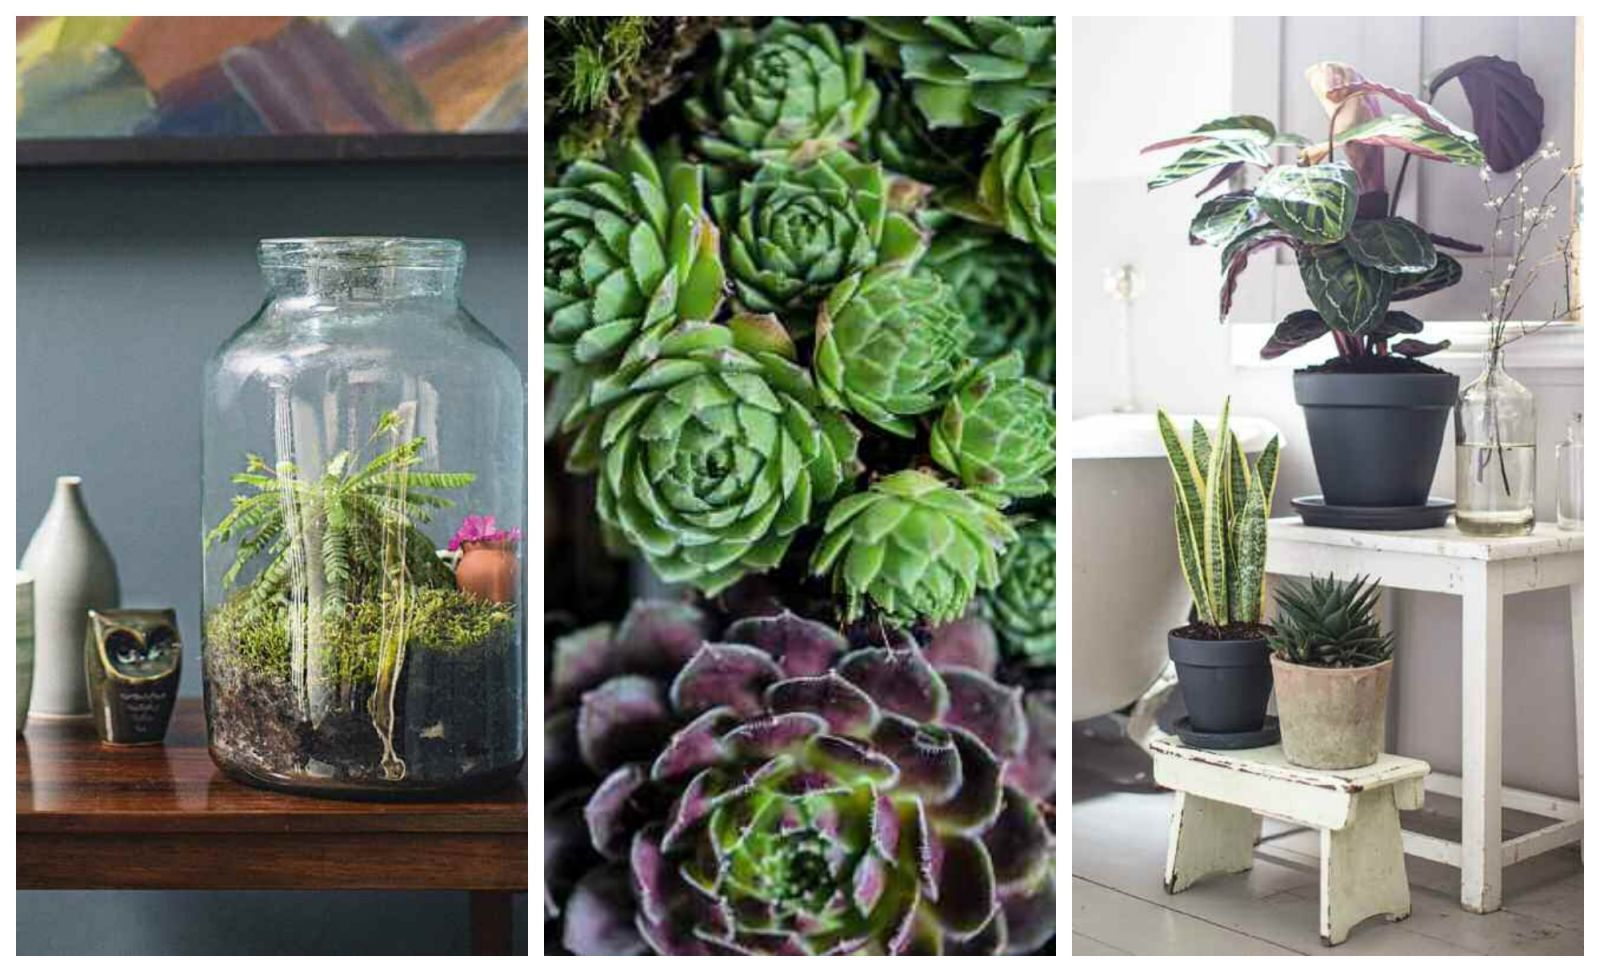 The Top 10 Indoor Gardening Tips